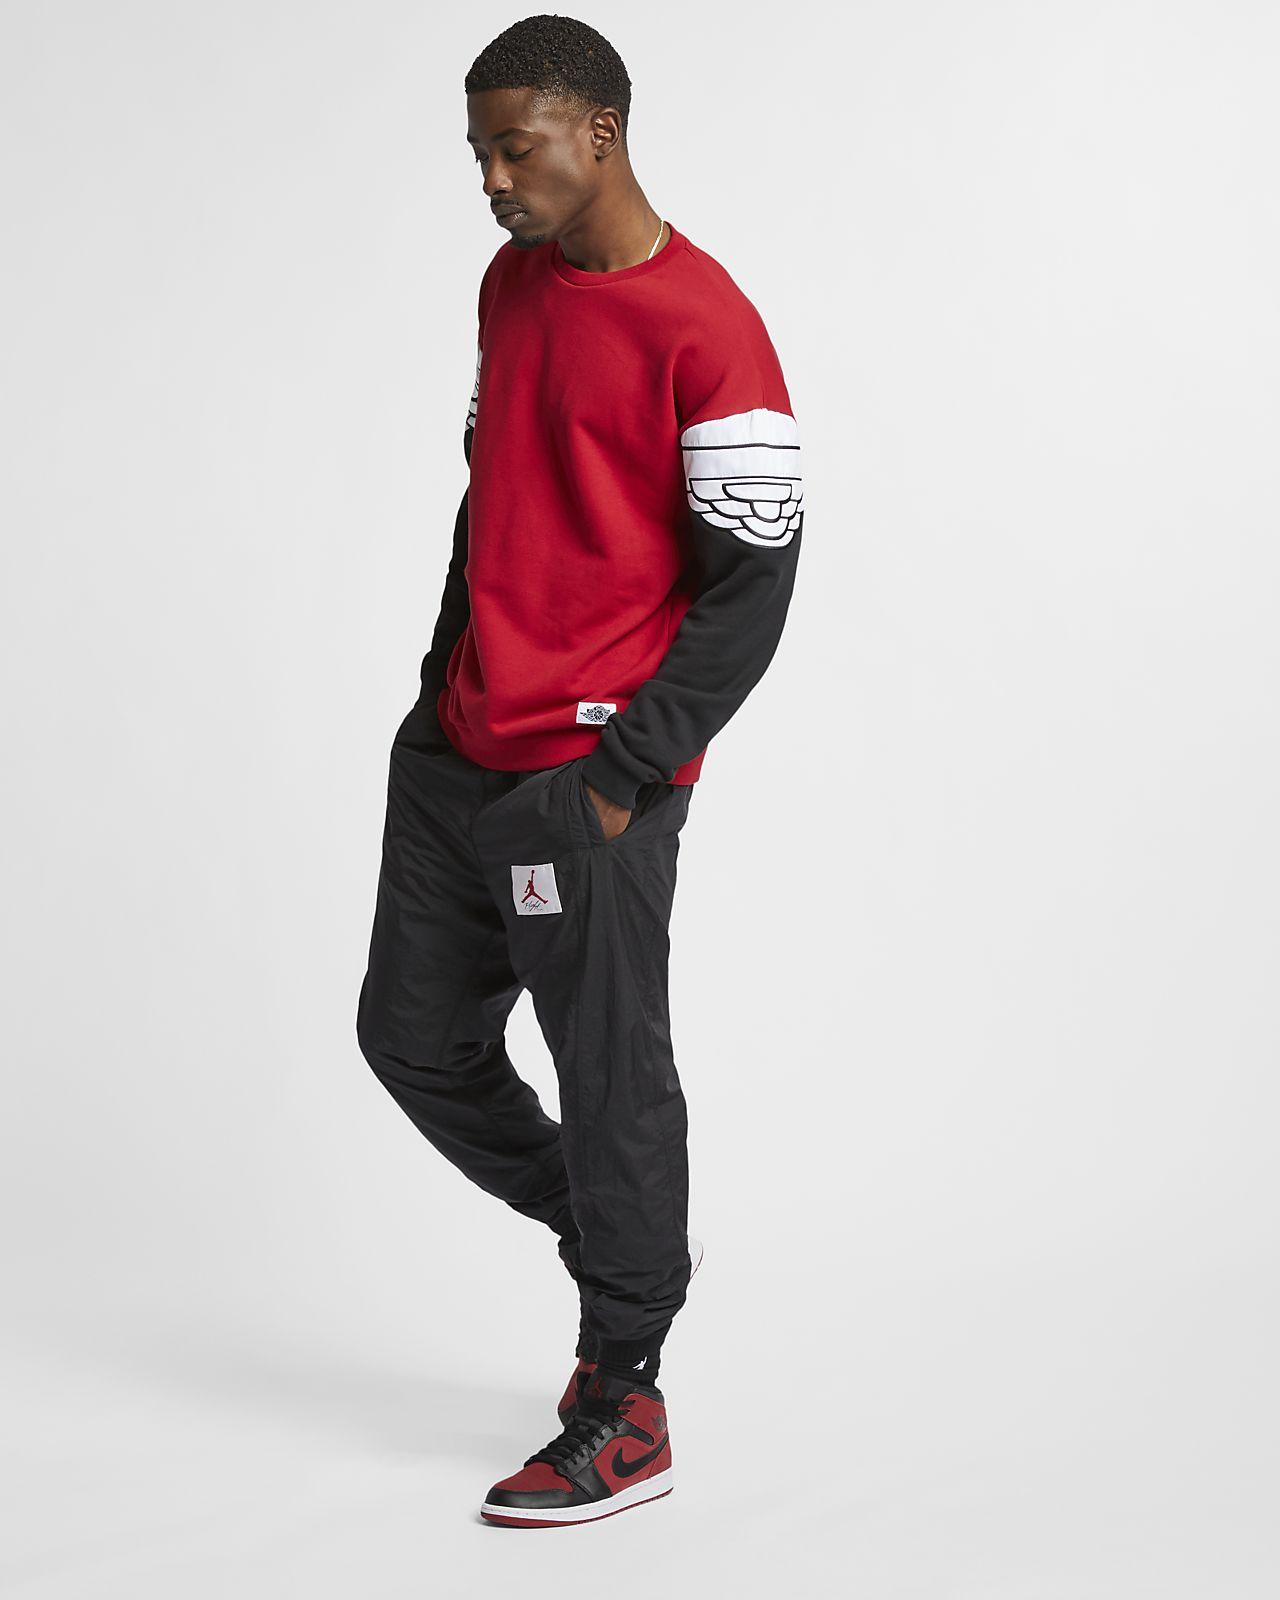 d3a1114e4f0cb4 Jordan Wings Classics Men s Crew. Nike.com